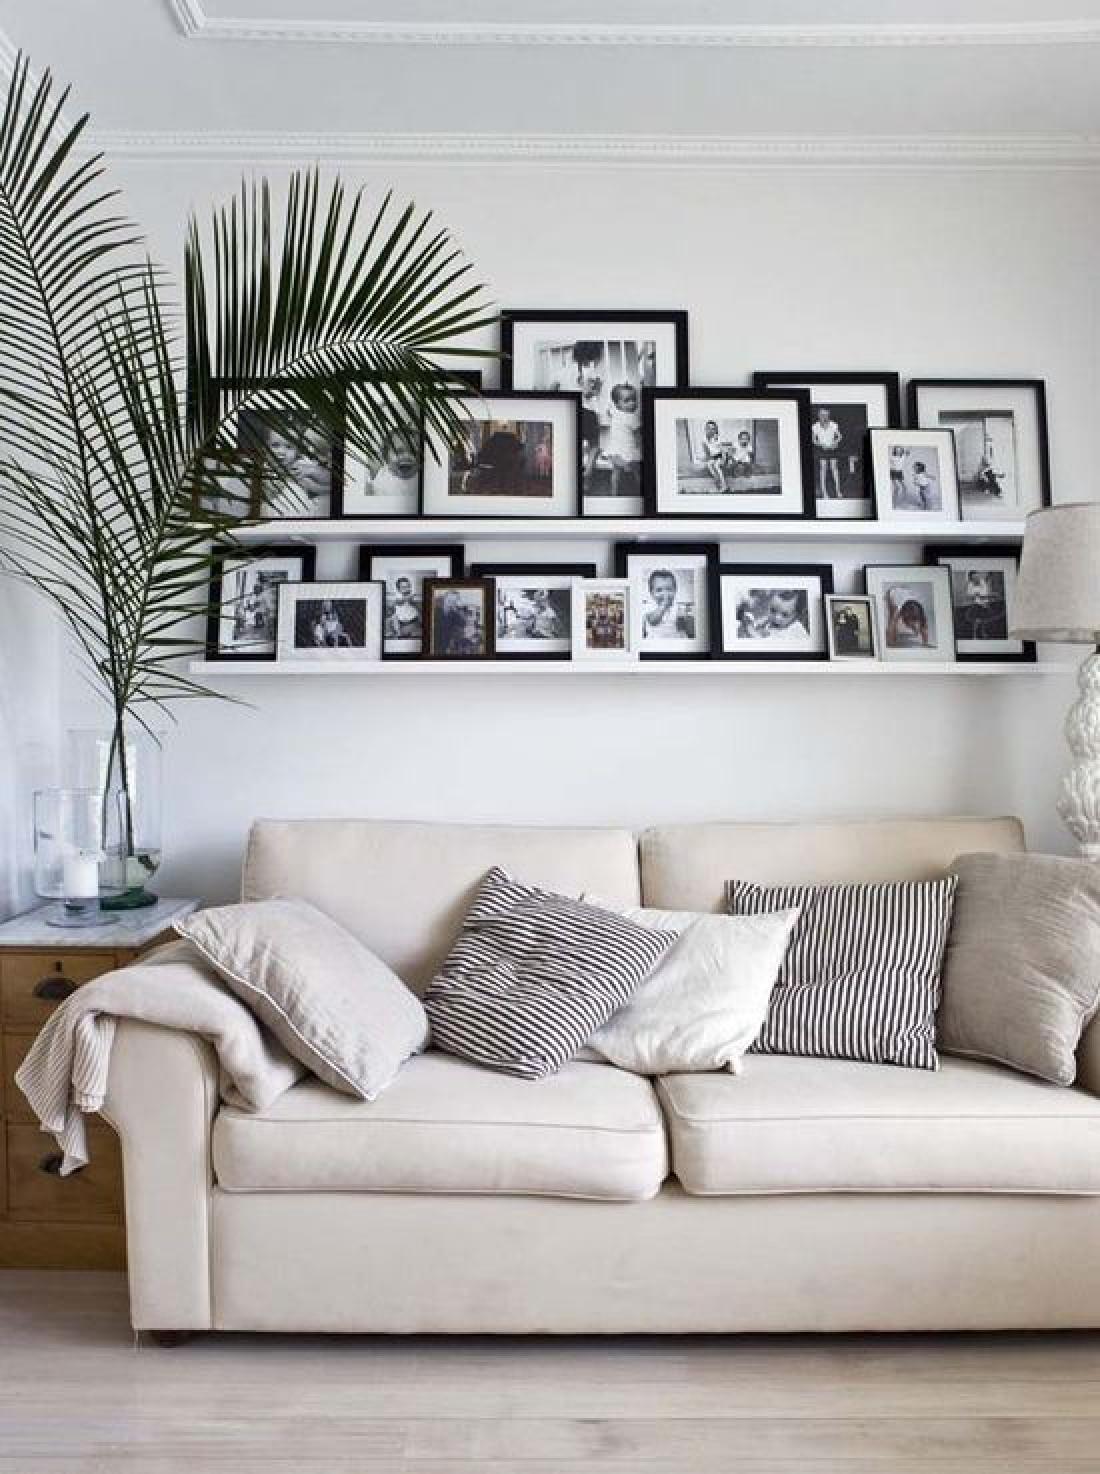 Фоторамки в дизайне: как хорошо оформить стенку (ФОТО)